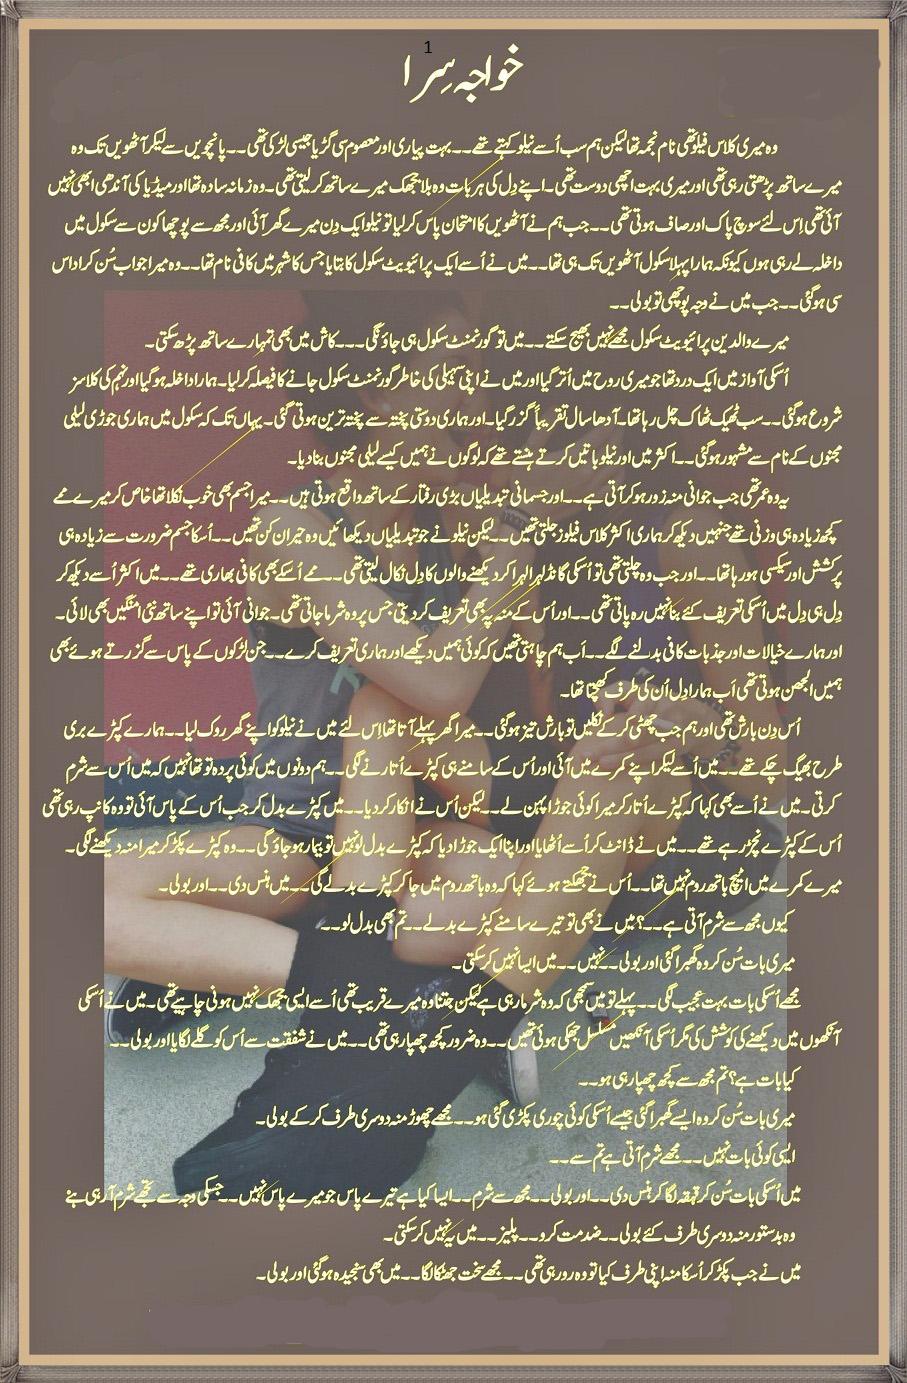 ki shemale xxx Urdu story